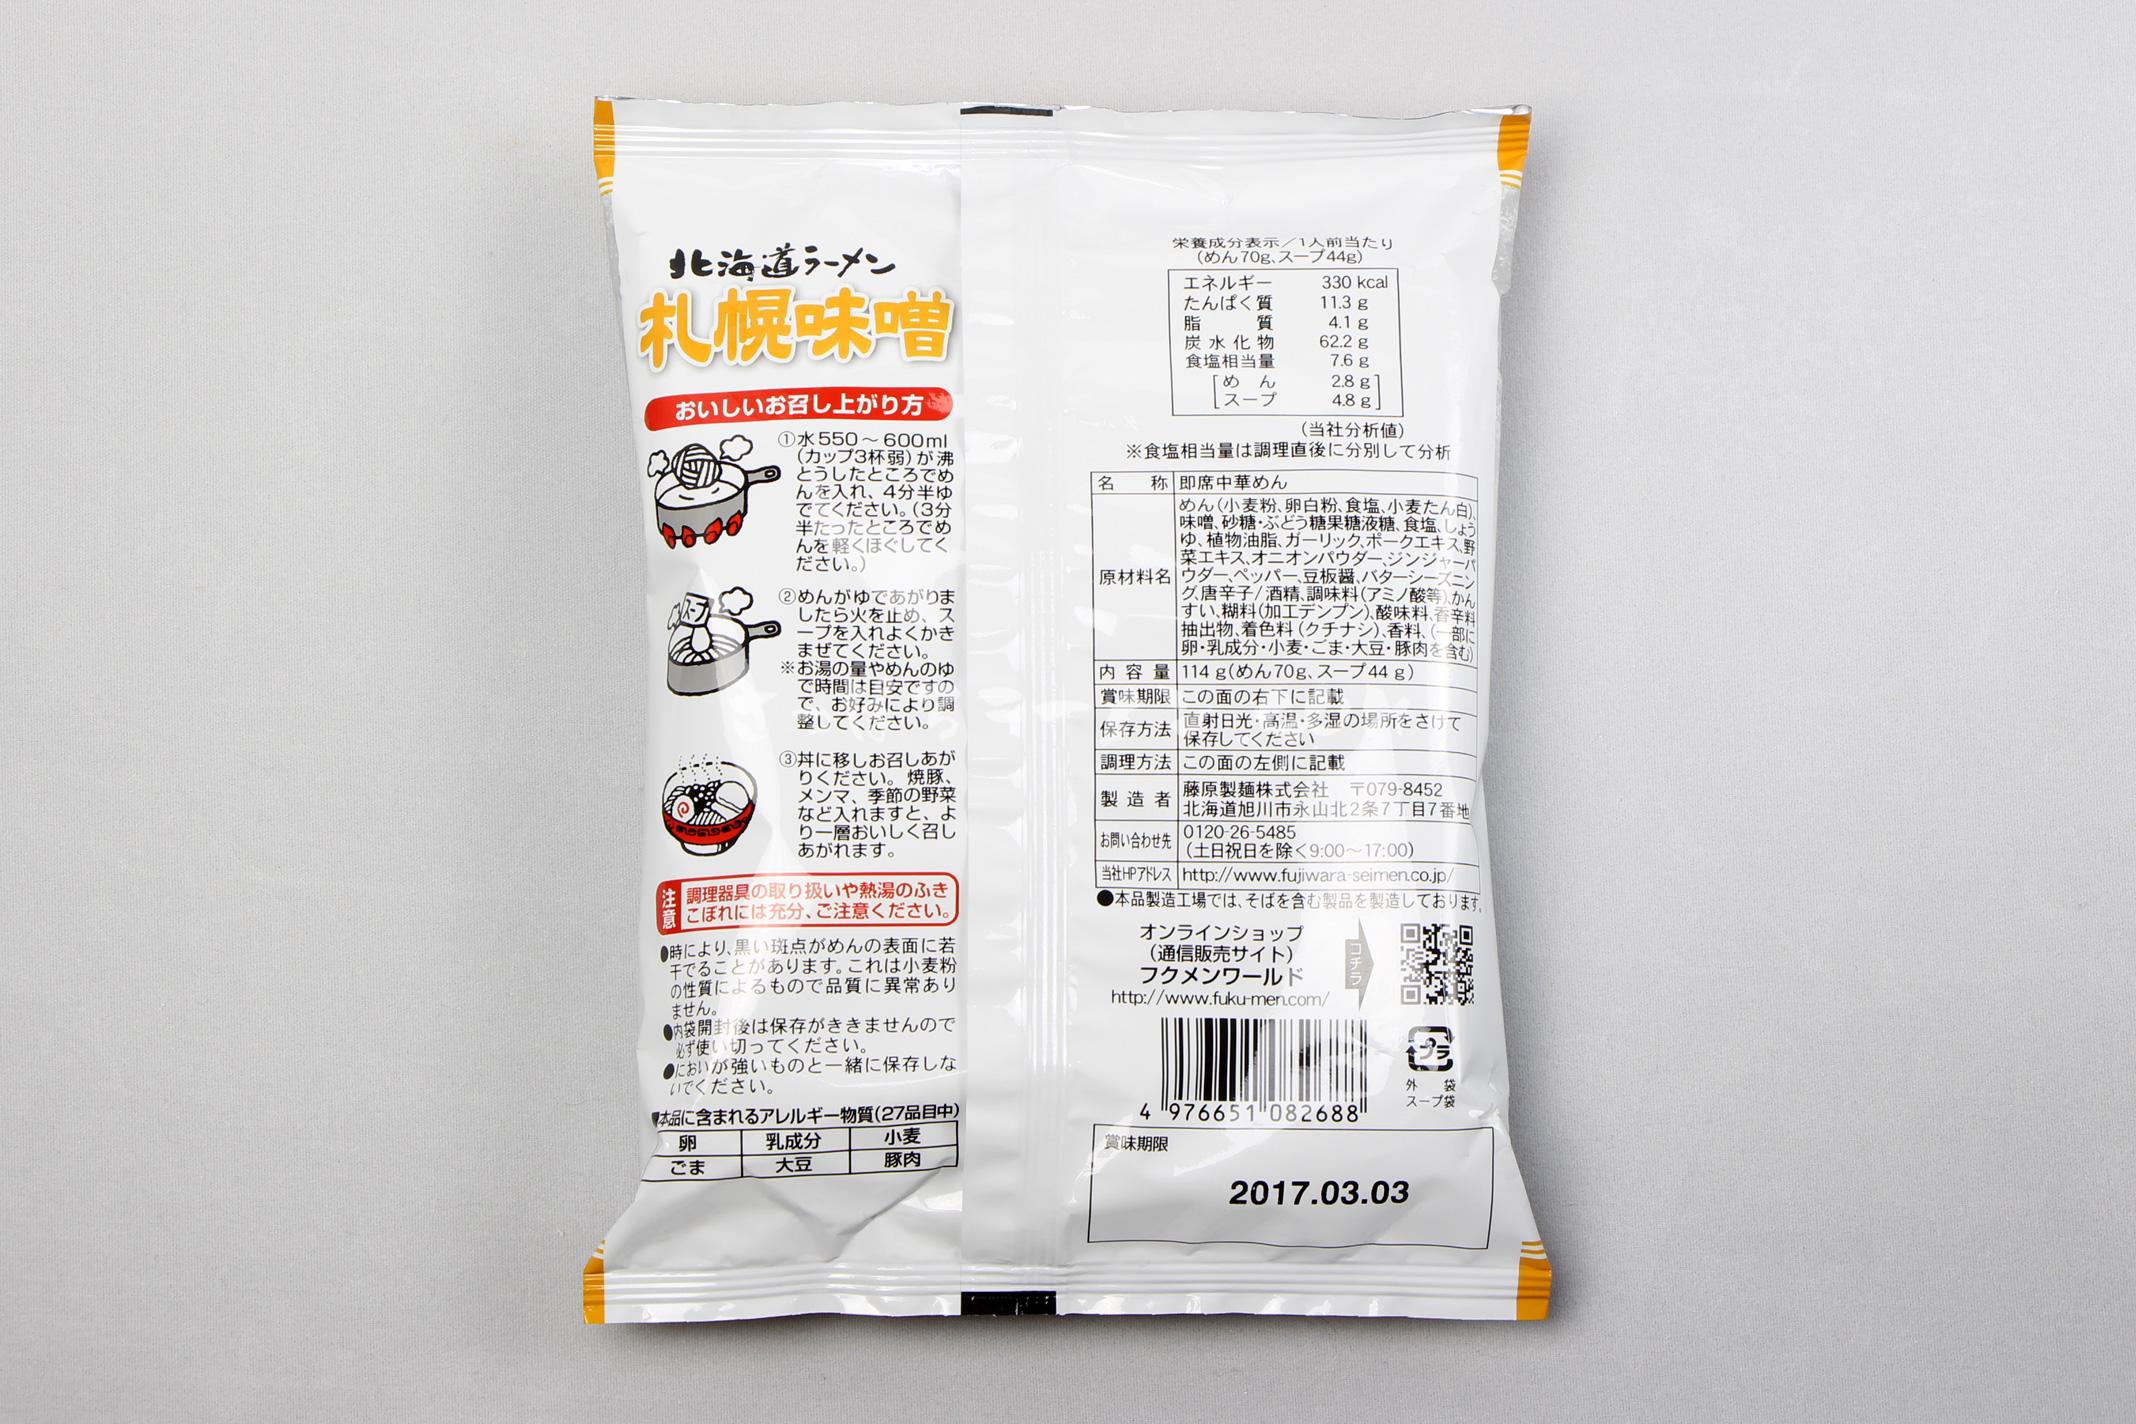 「北海道ラーメン札幌味噌」(藤原製麺)のパッケージ(裏)